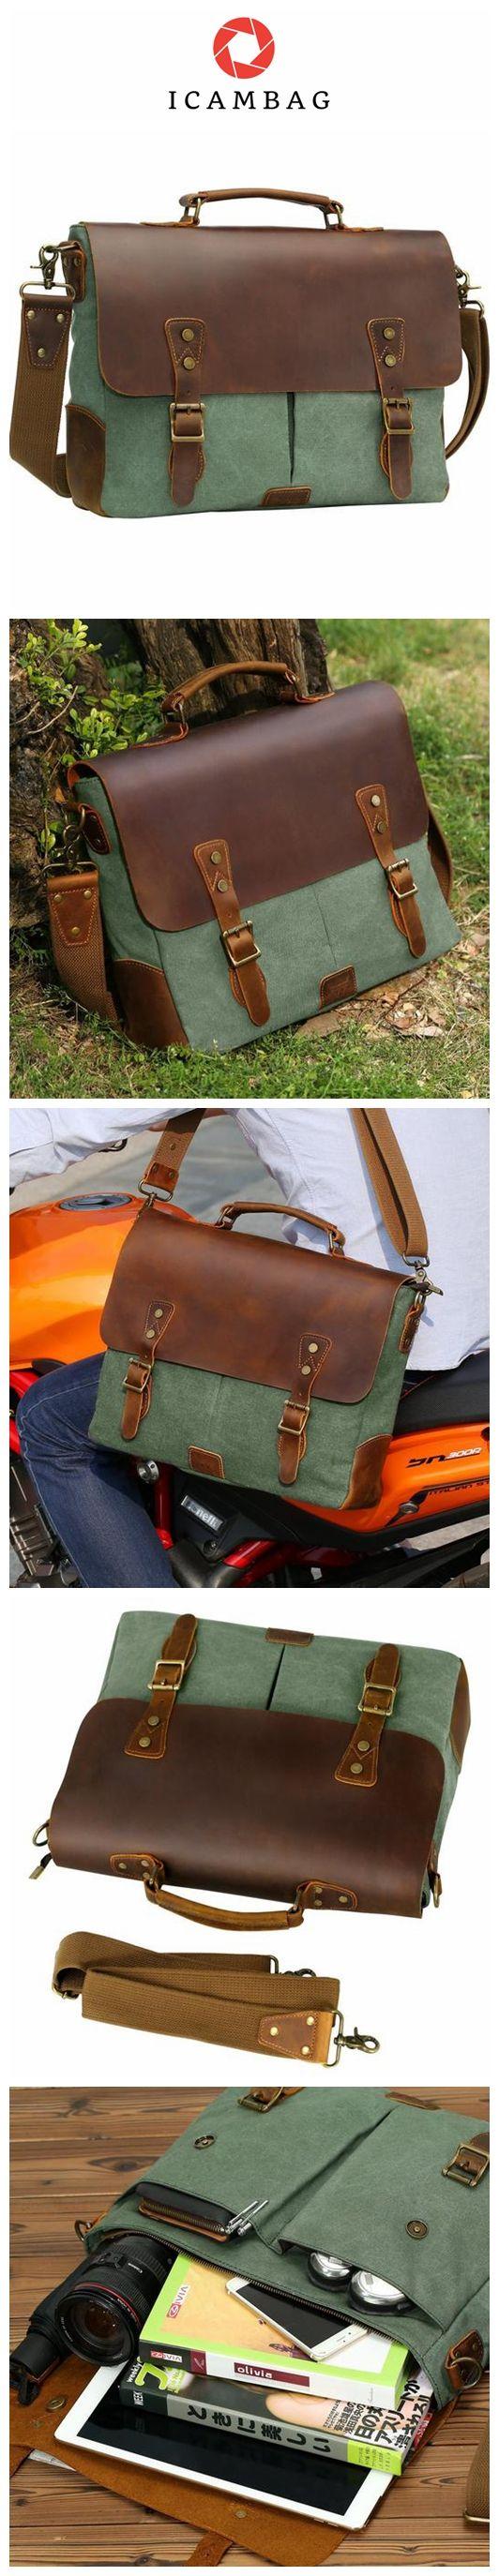 Leather Vintage Messenger Bag for 15.6 inch laptops,Satchel Briefcase Bag for Men and Women Green